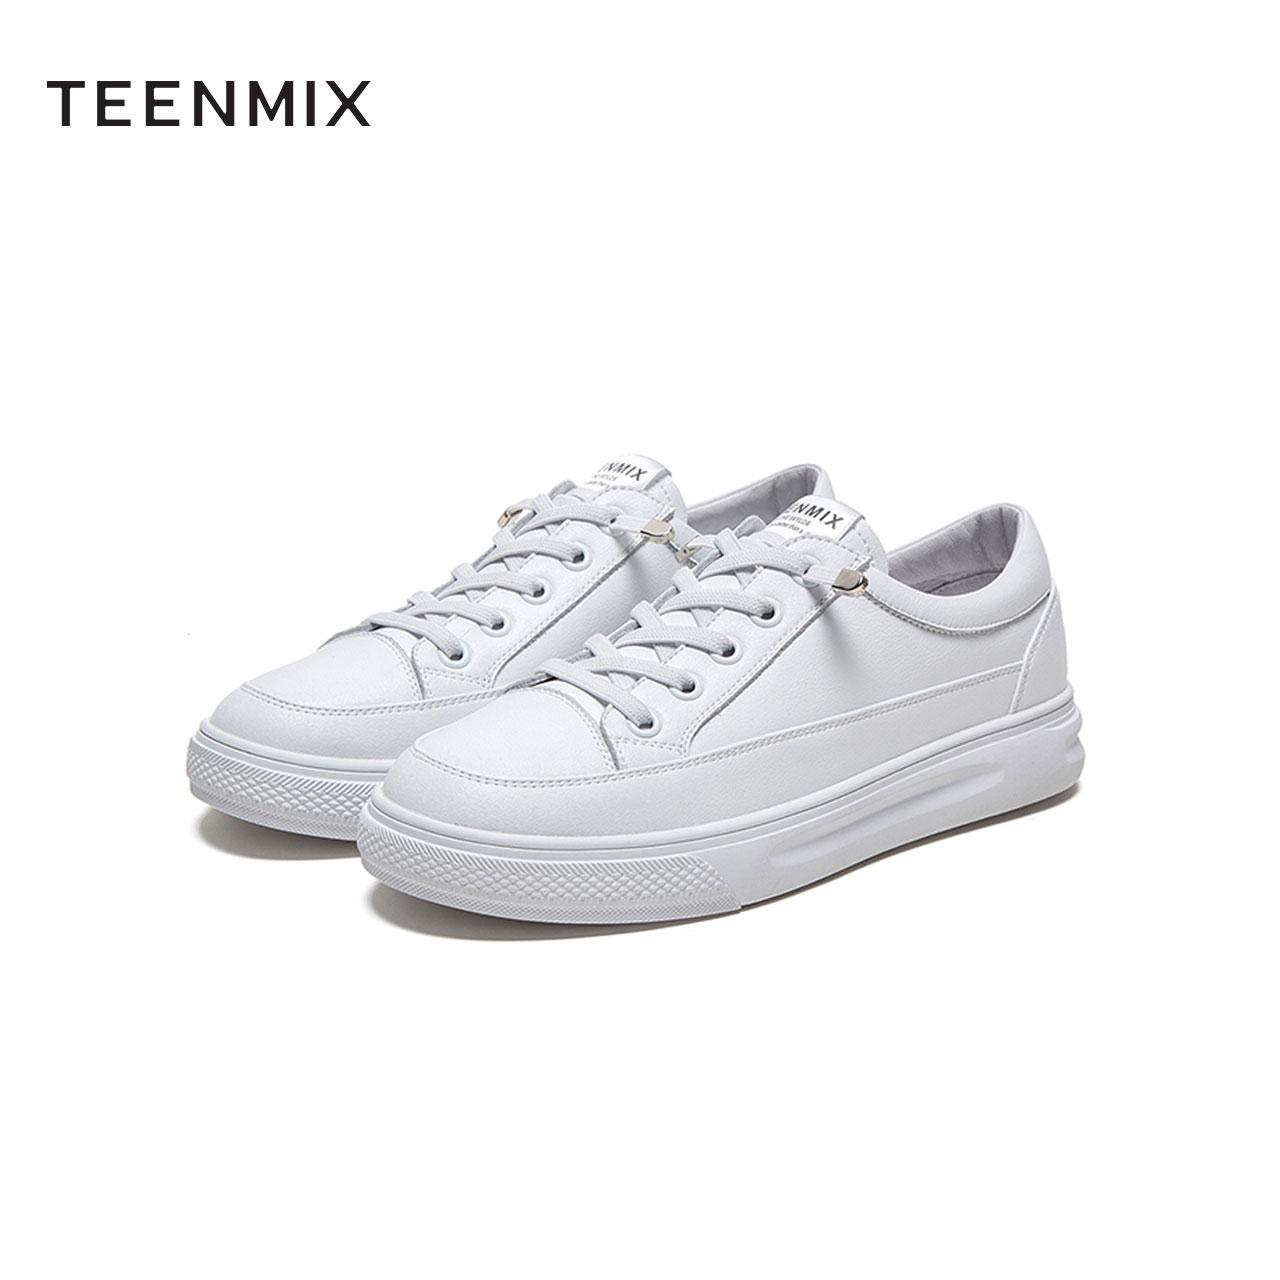 AZ171AM1 春新款商场同款百搭小白鞋女生松糕底休闲板鞋 2021 天美意